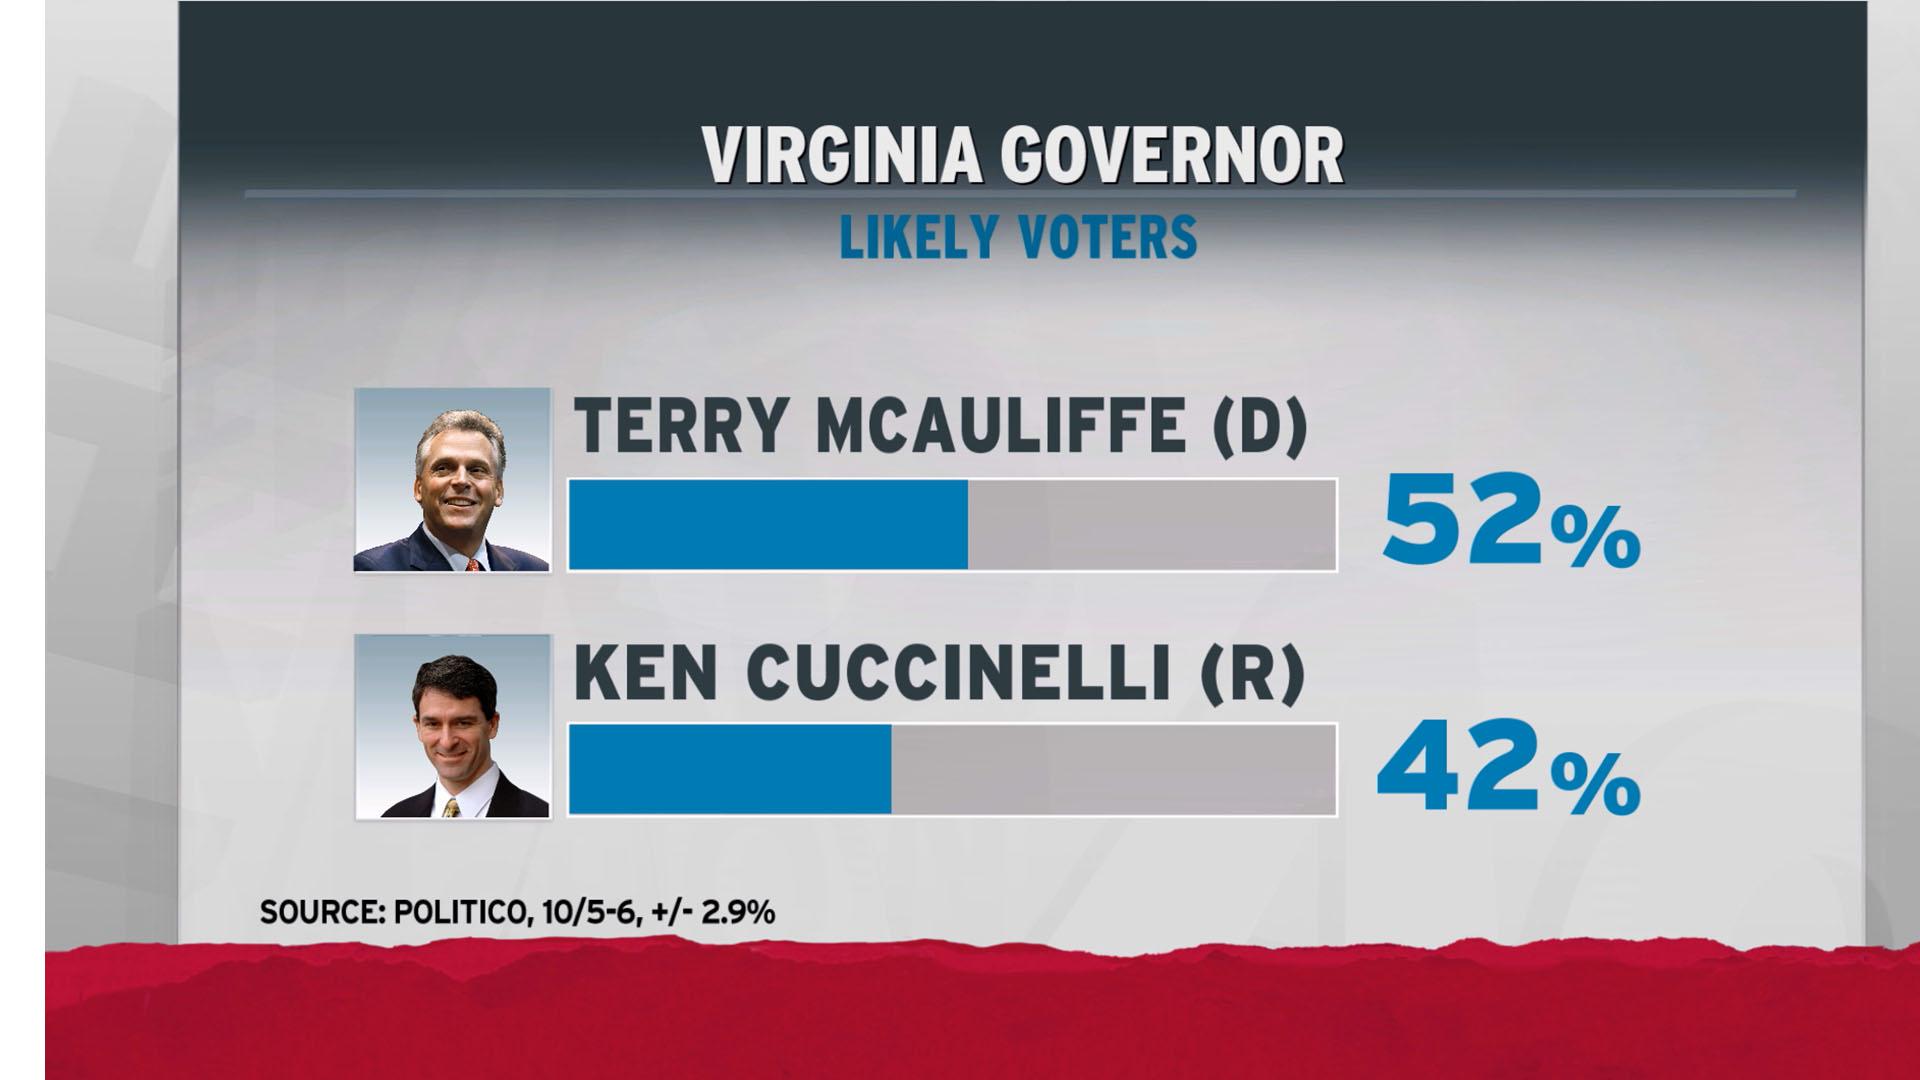 Cuccinelli hurt by shutdown, polls suggest